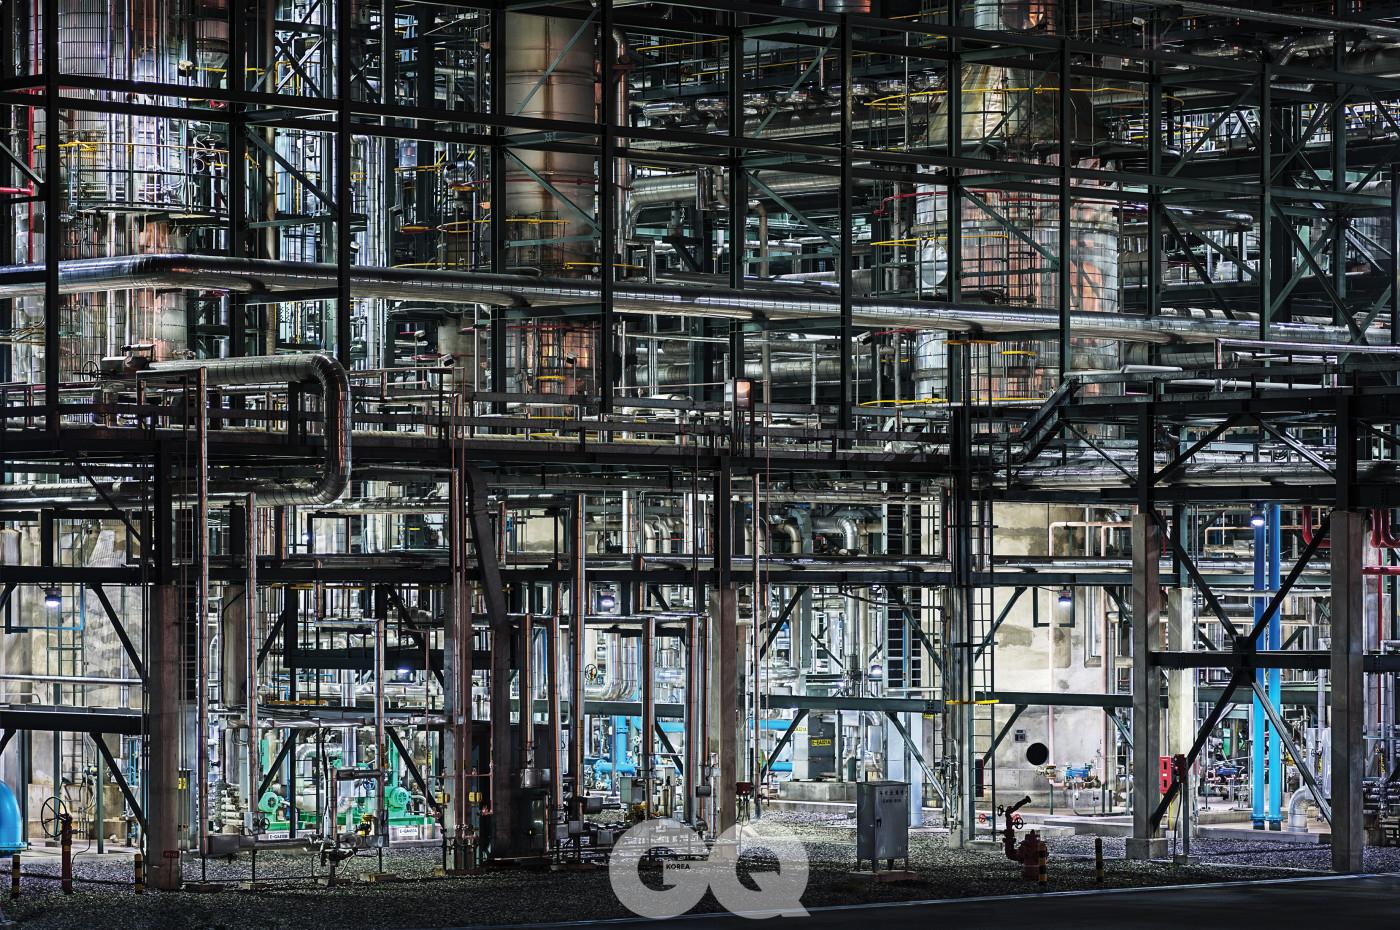 석유 화학 공장(대한유화).